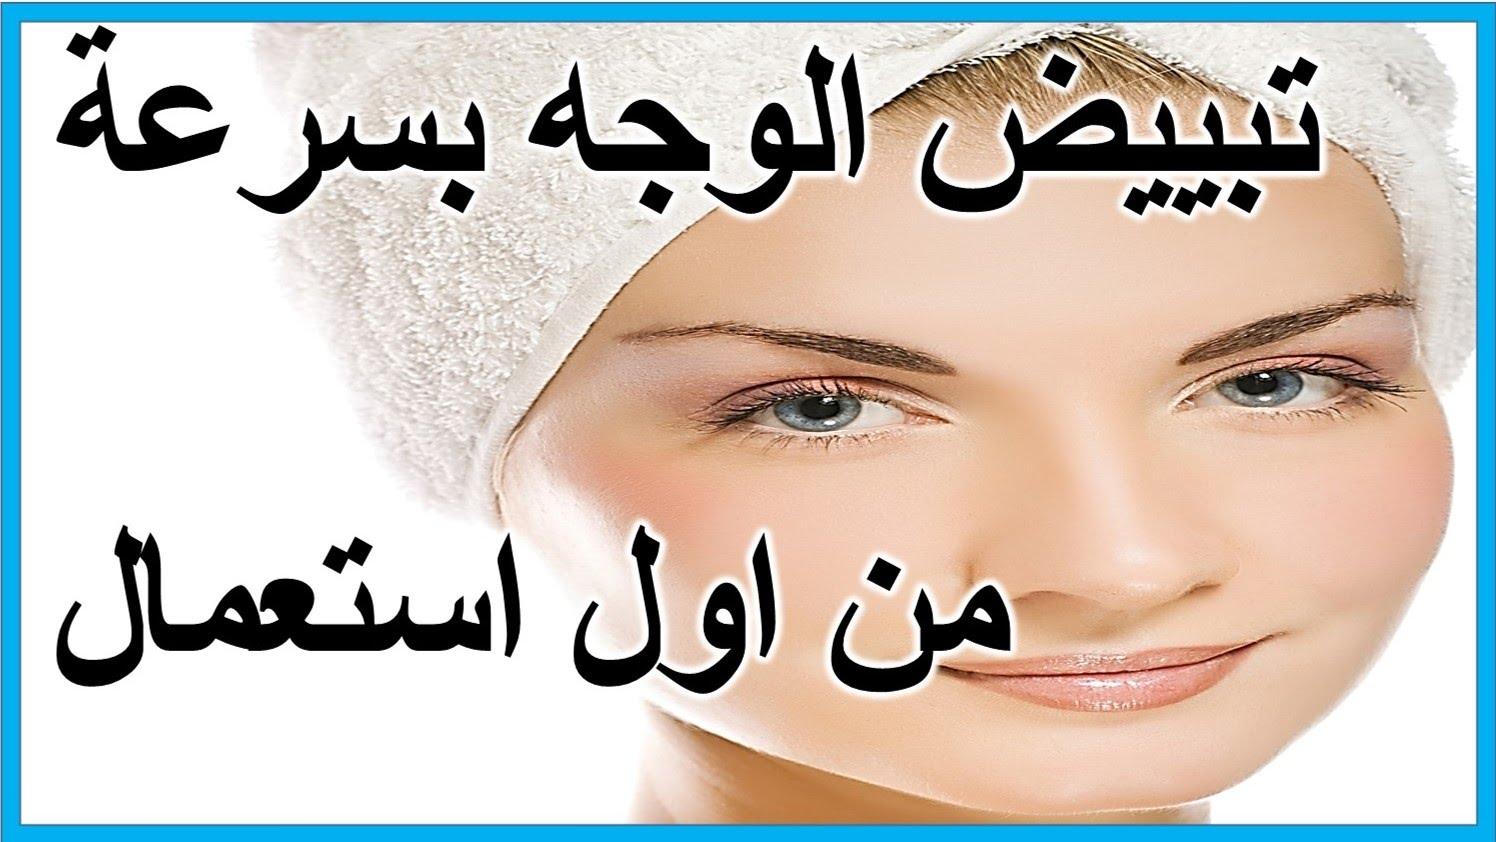 صورة خلطات طبيعيه لتبيض الوجه , وصفات مجربه للتفتح البشرة